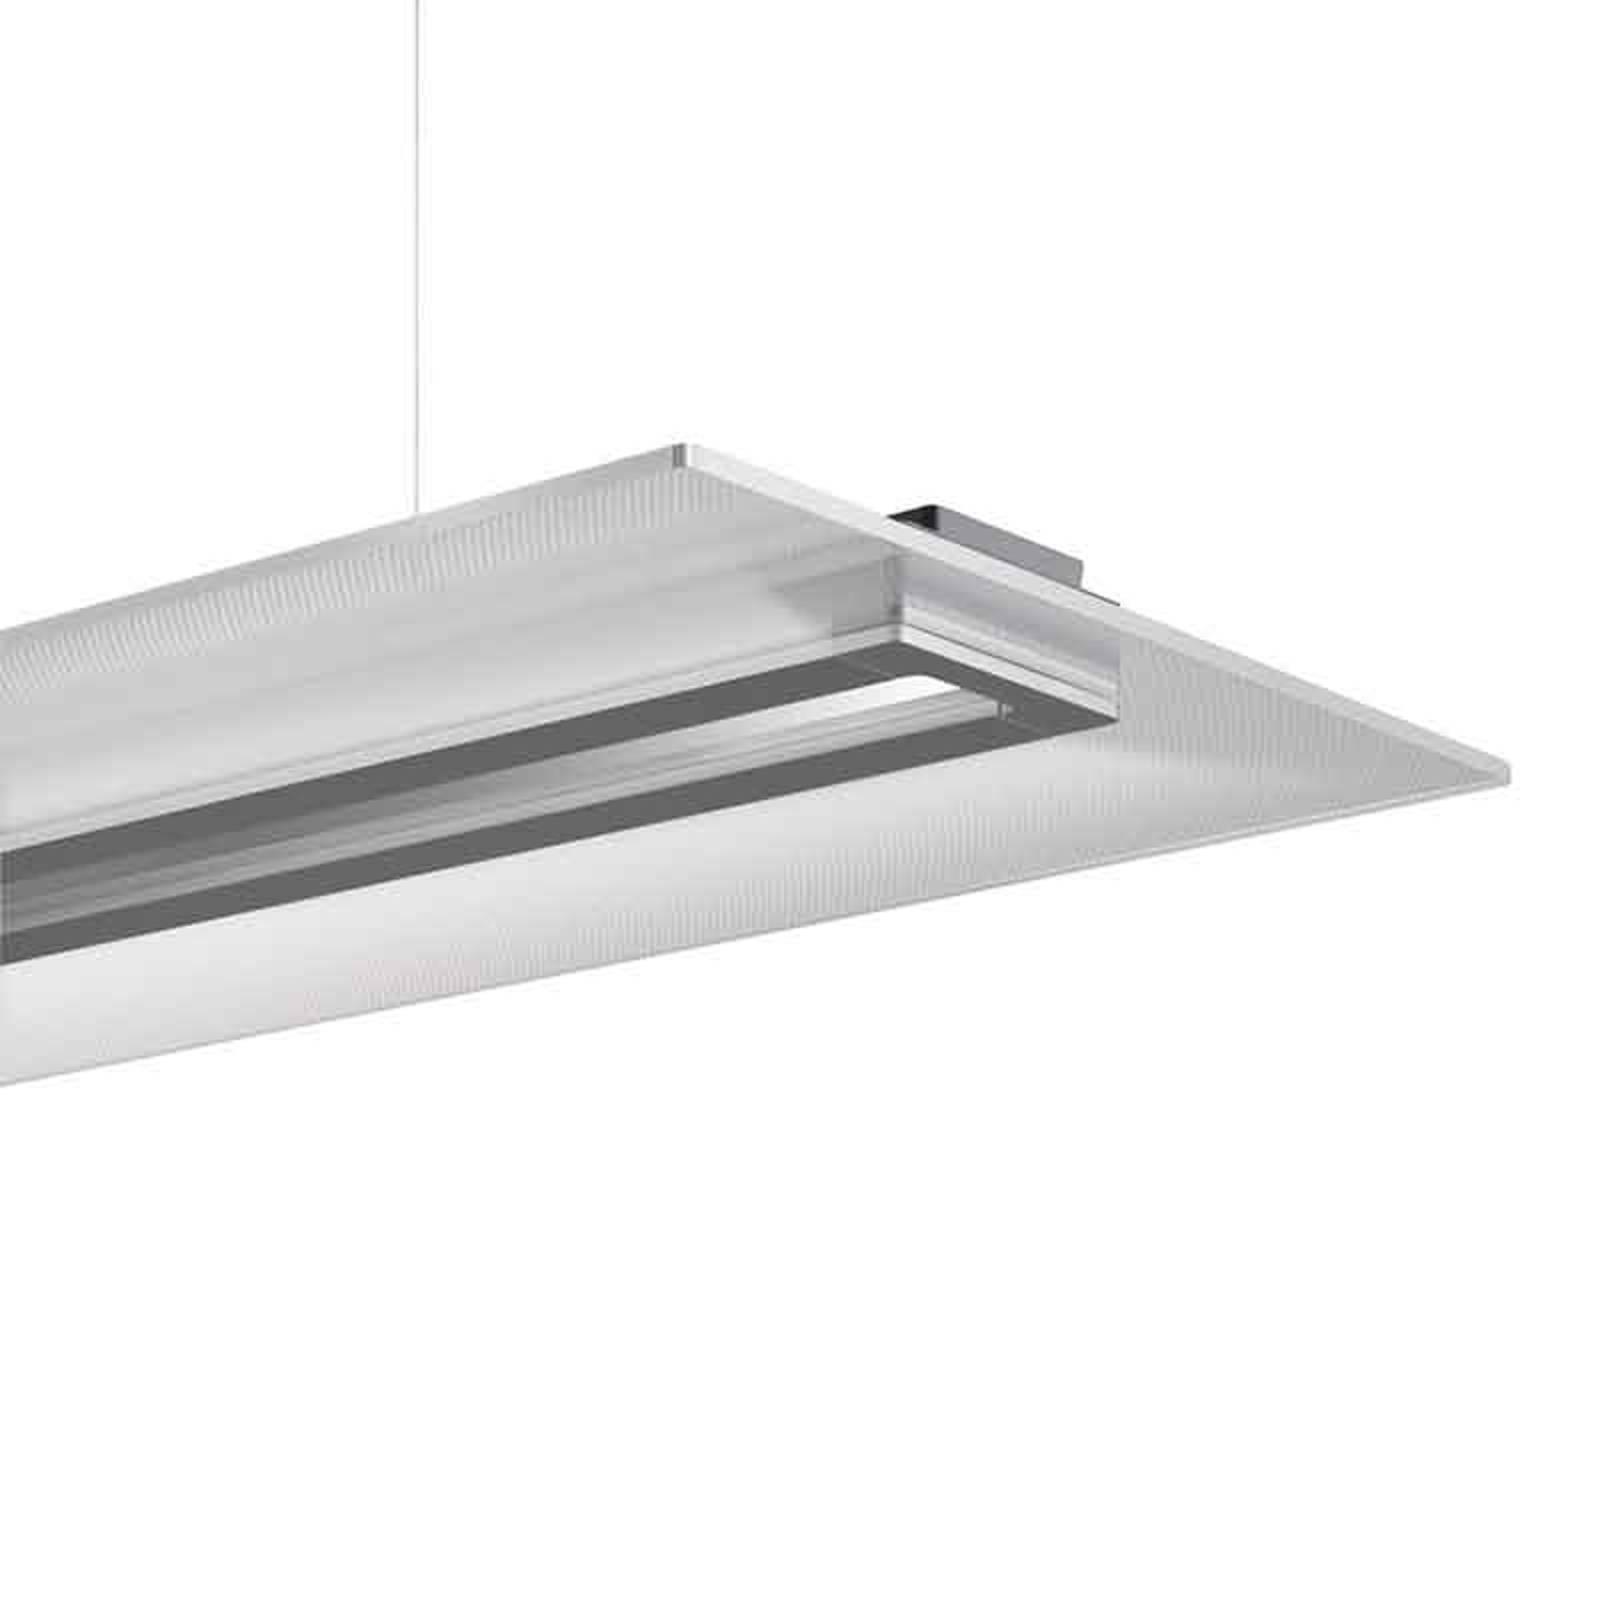 Siteco Vega LED-riippuvalo DALI 31 W